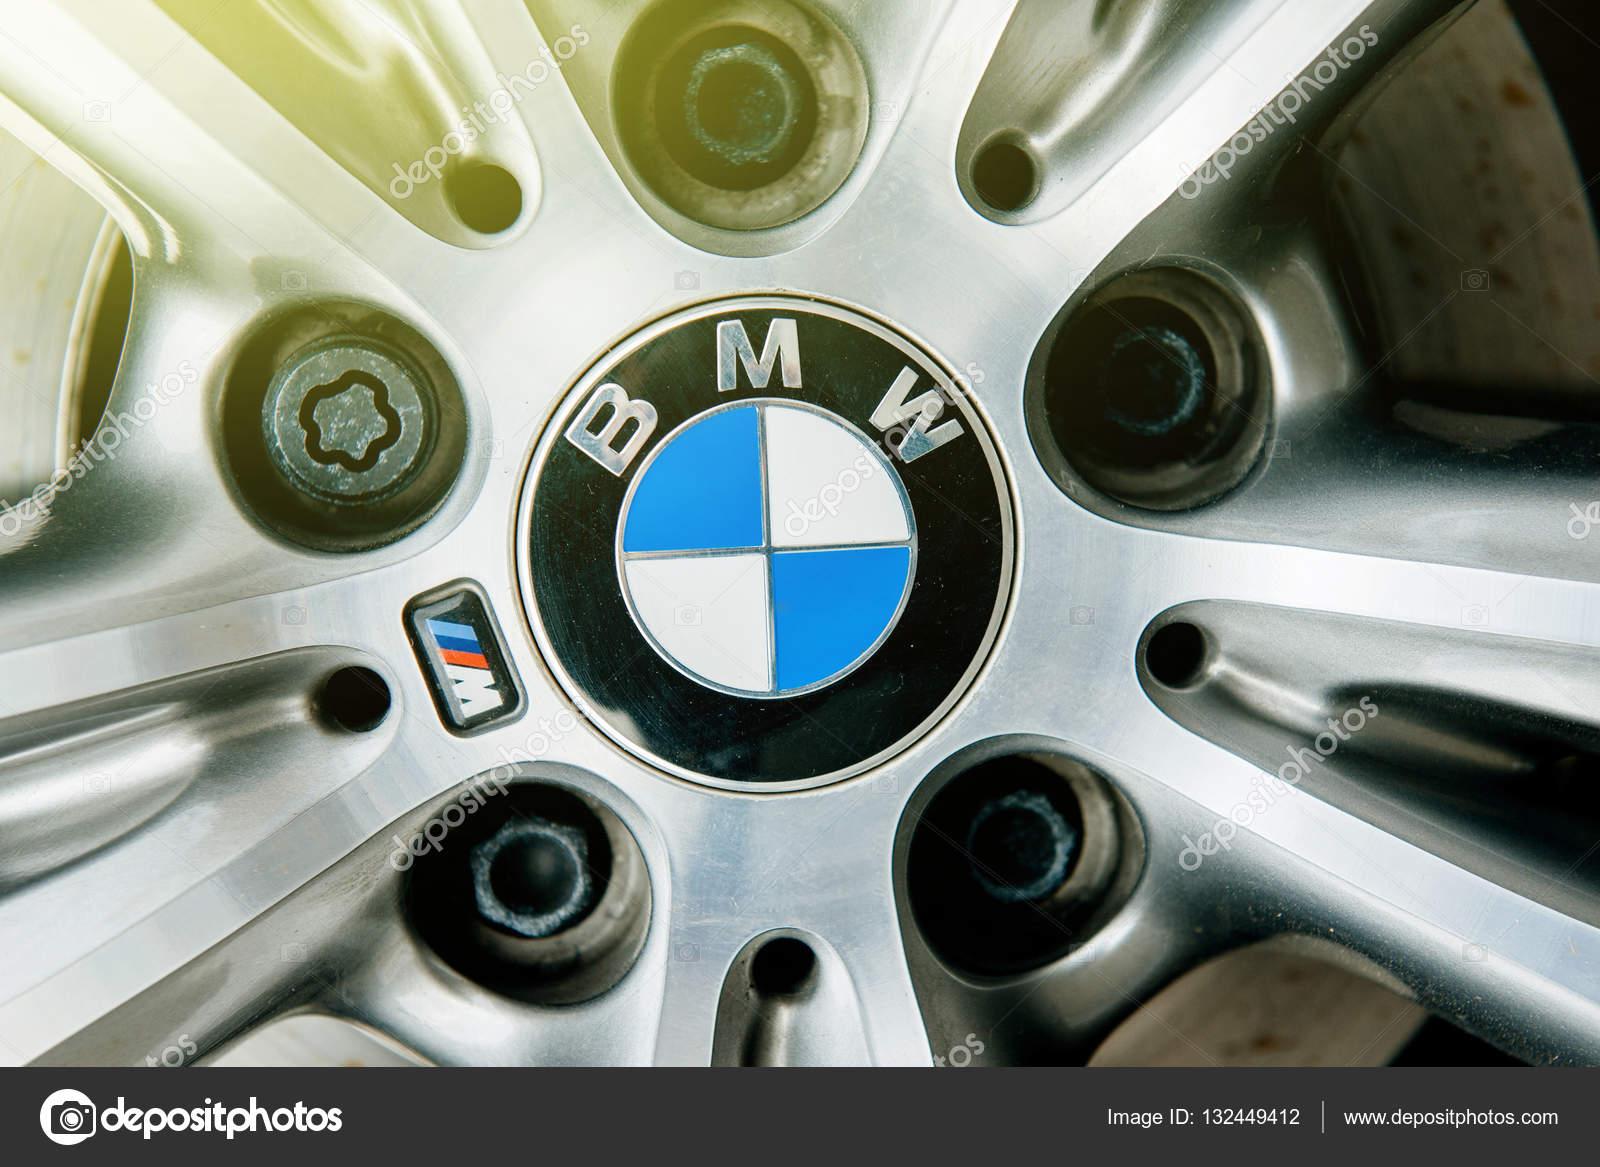 Felgi Aluminiowe Bmw Insygnia Logo Zdjęcie Stockowe Editorial